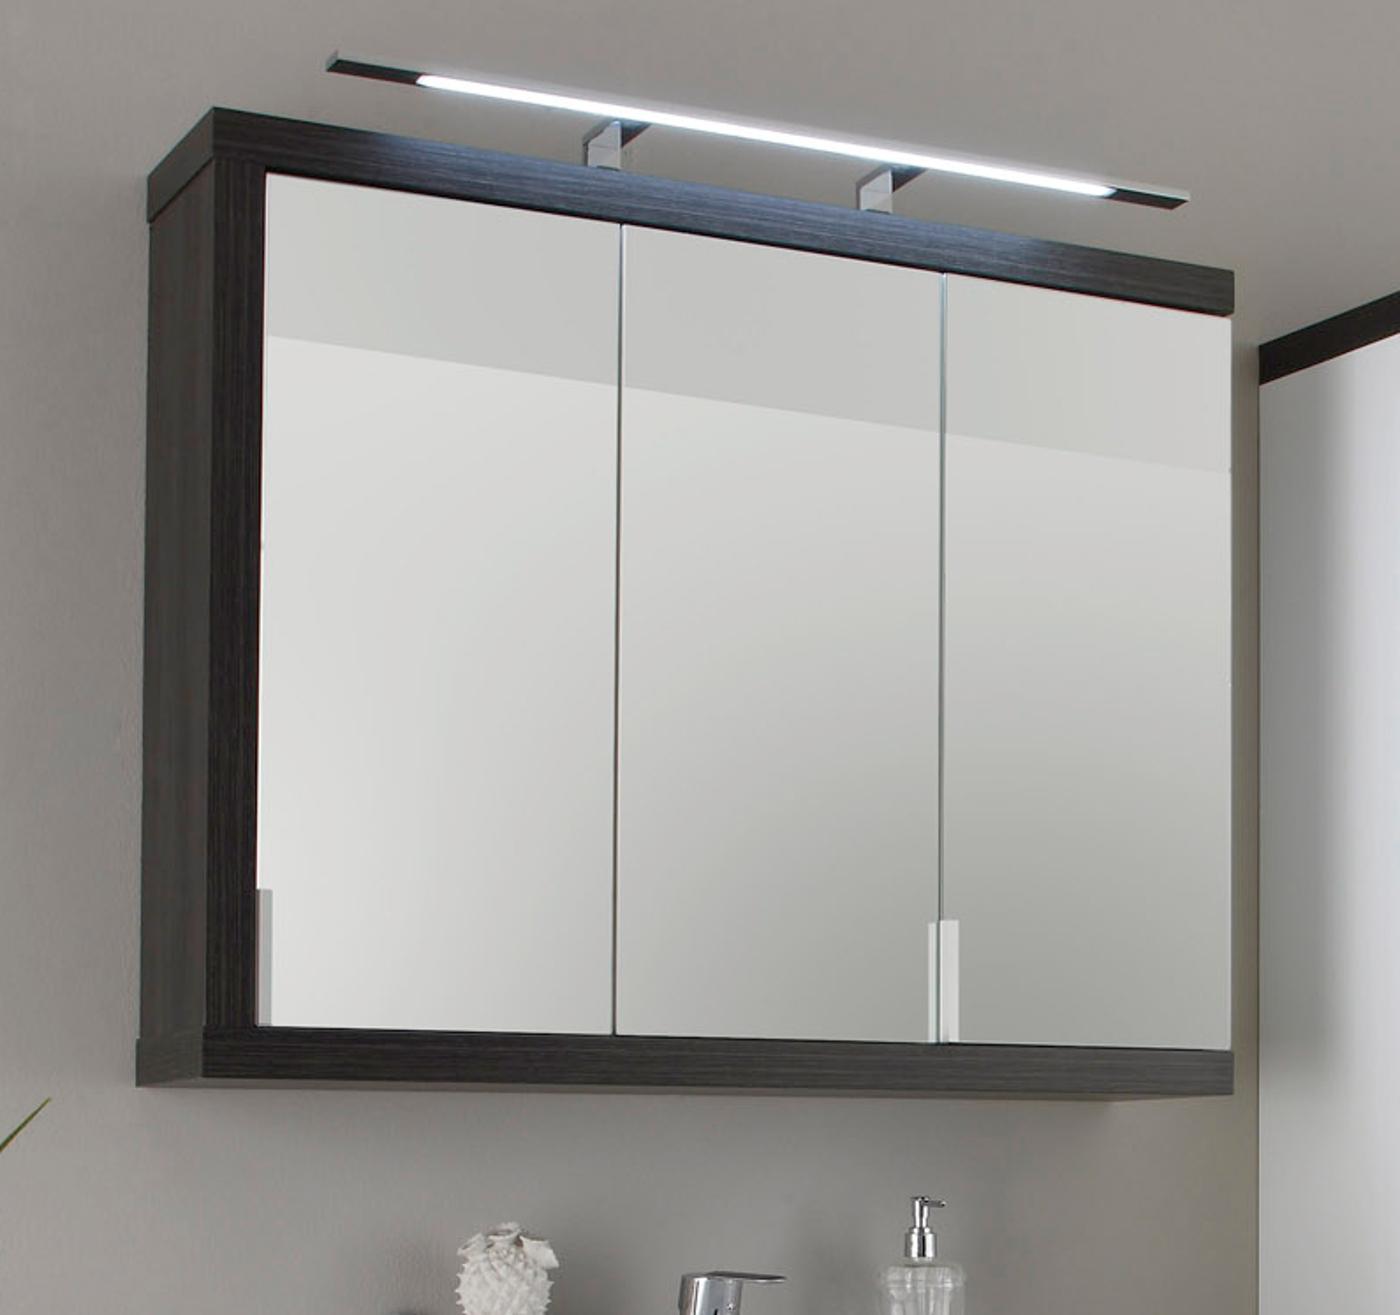 """Badezimmer: Spiegelschrank """"Sunrise"""" rauchsilber, grau, 17-türig (17x17 cm)"""